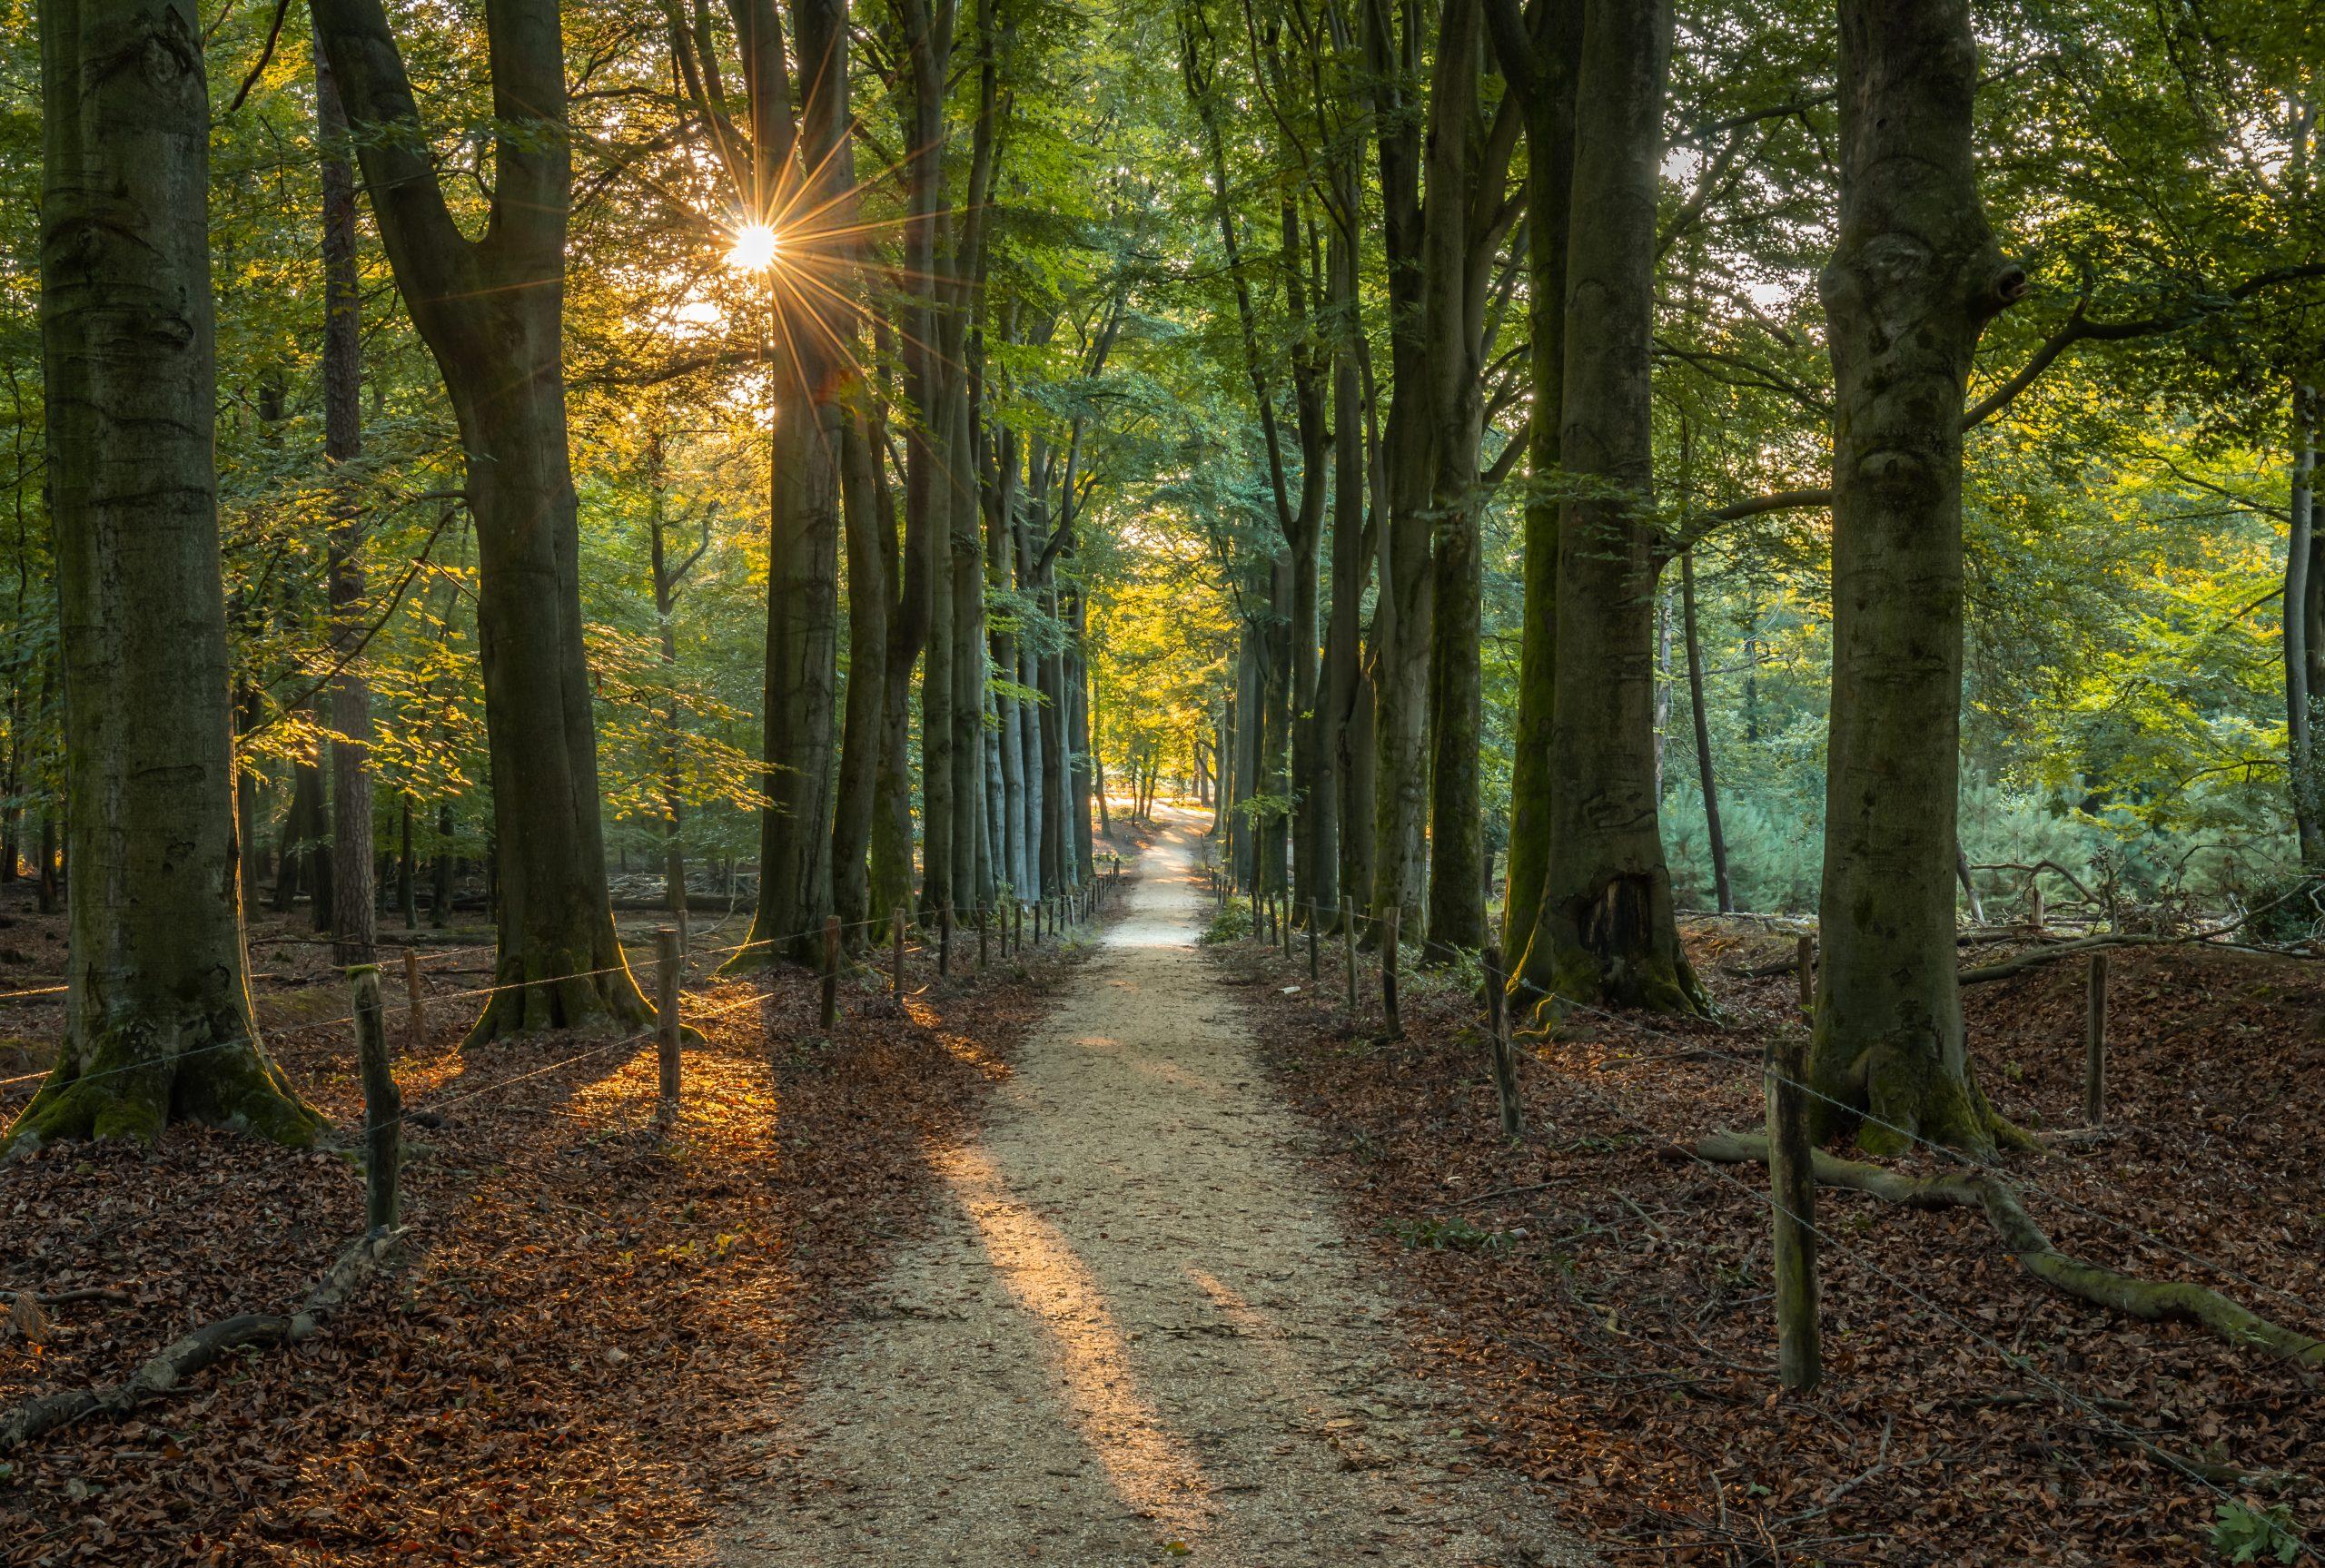 De zon schijnt door de bomen